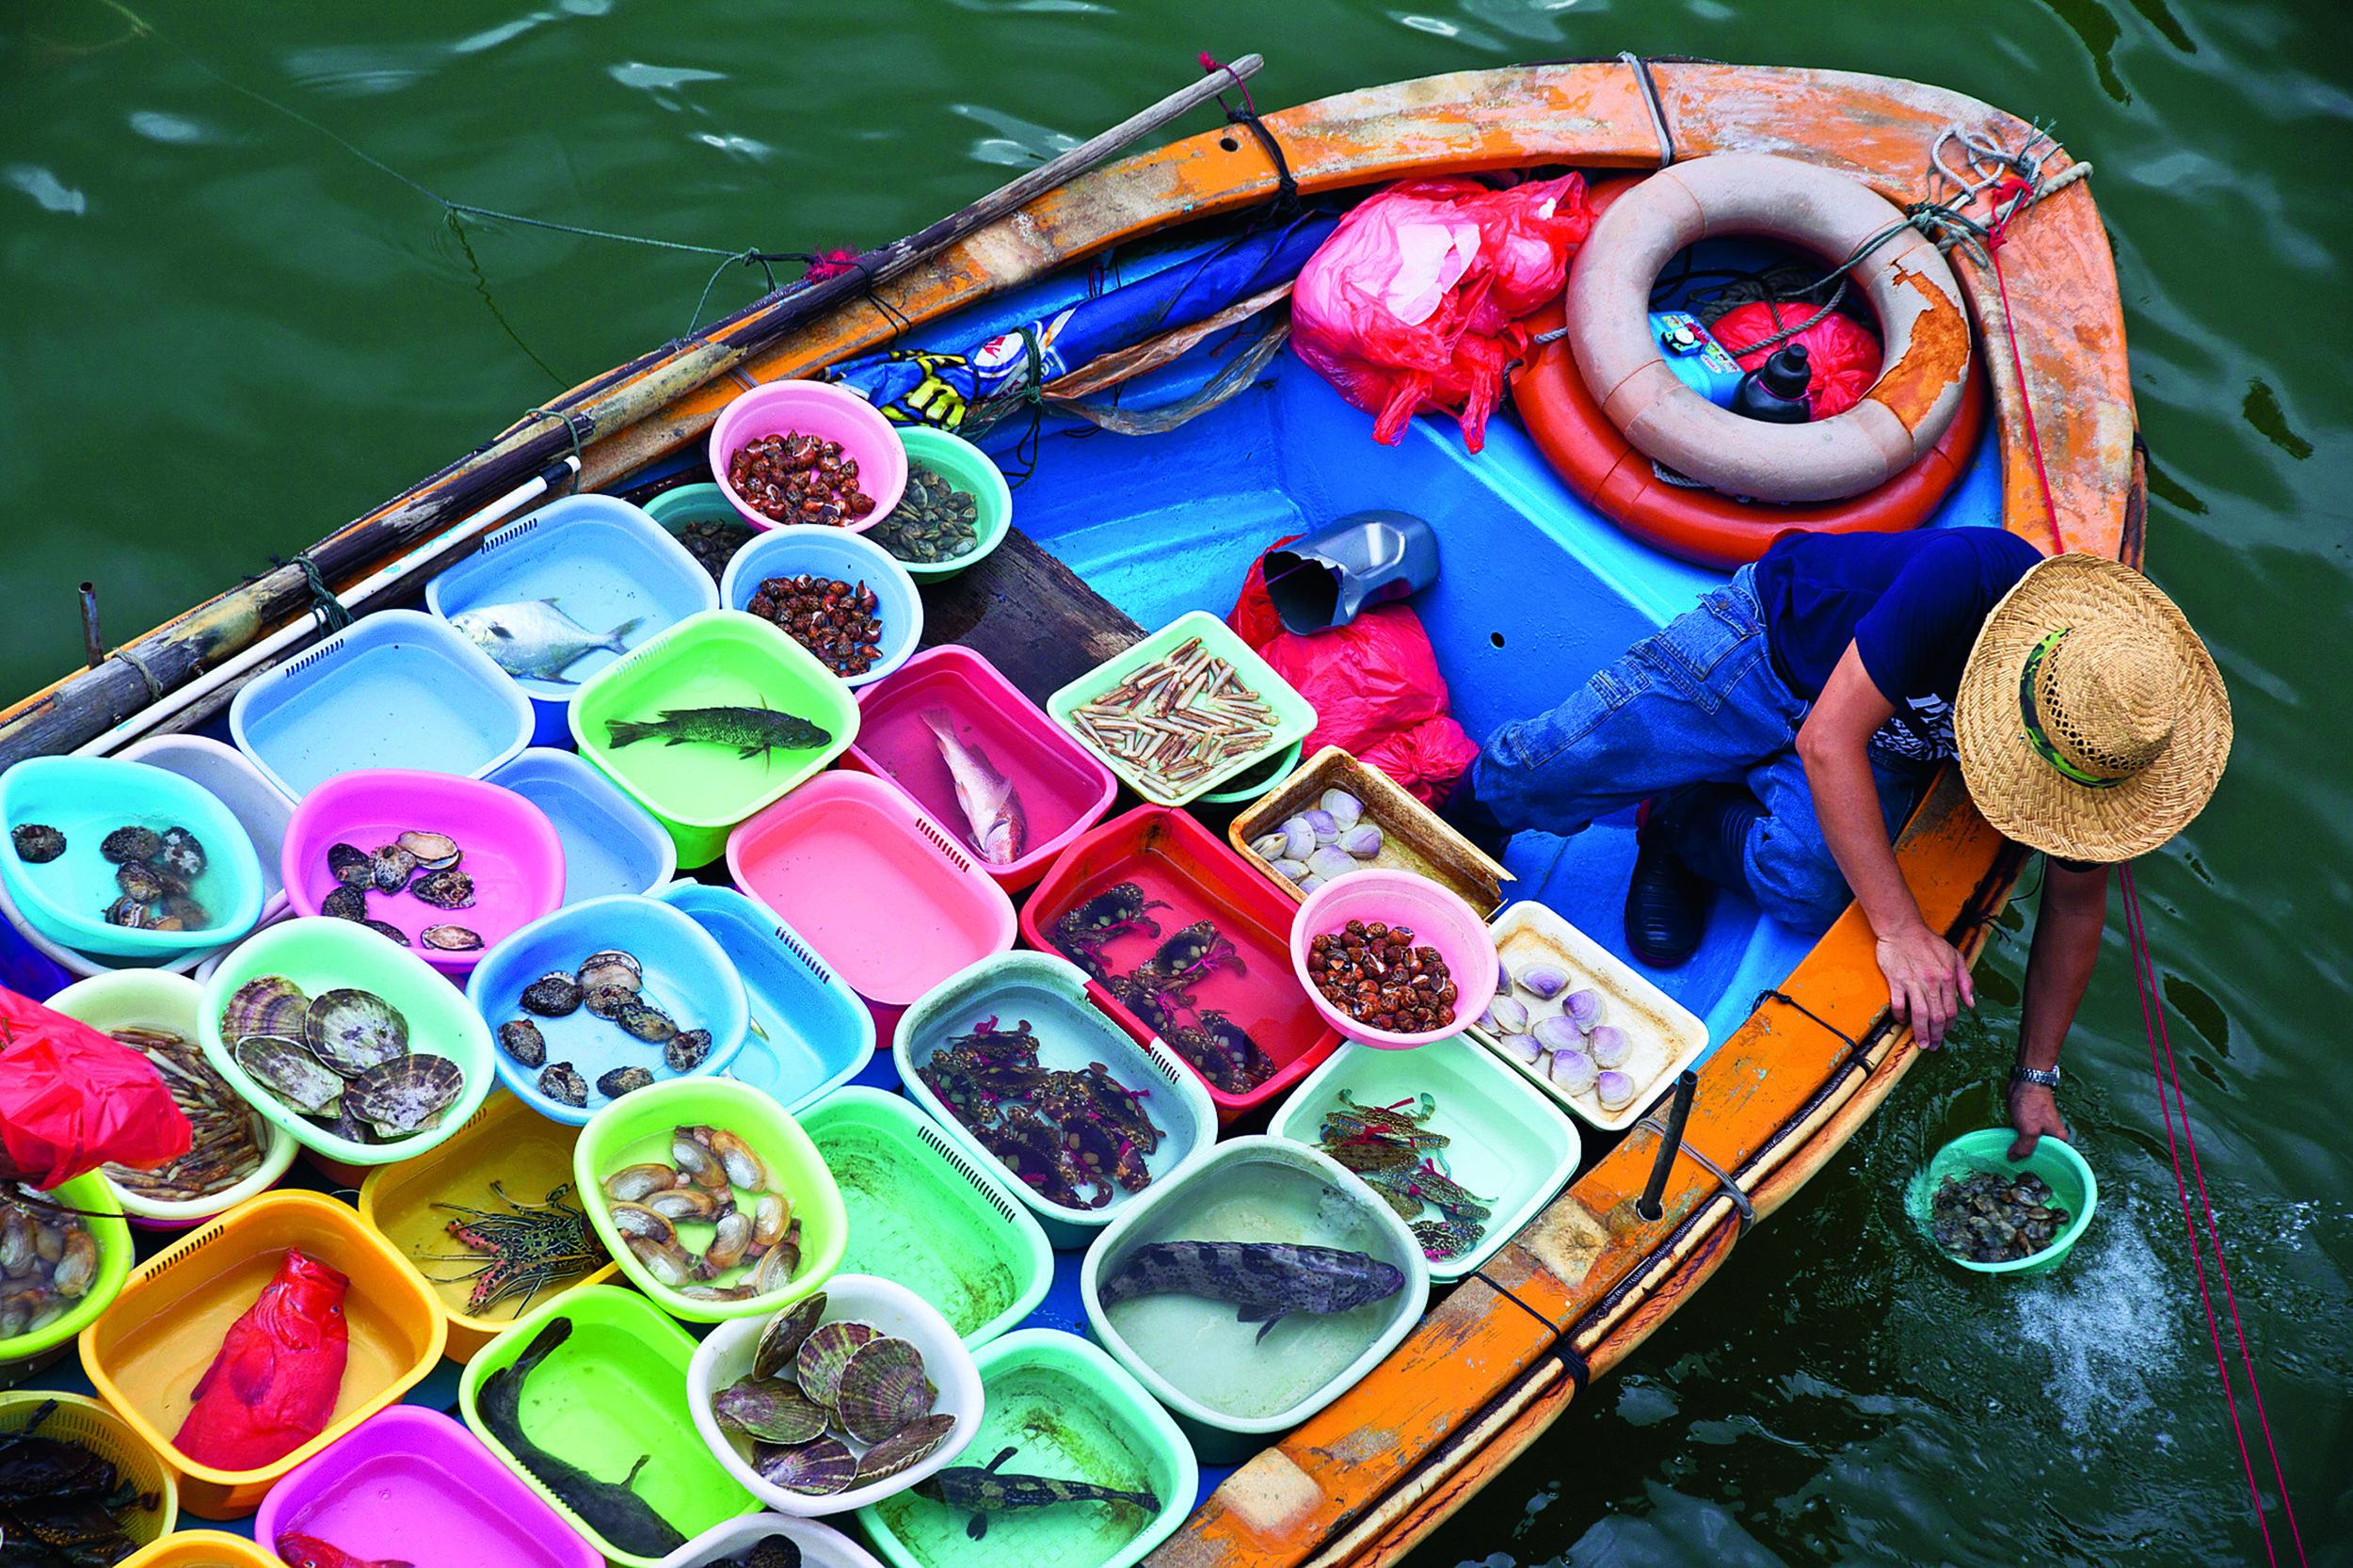 Un nuovo volume enciclopedico e autorevole mette in mostra la diversità culinaria della cucina cinese con ricette provenienti dalle 33 regioni e sottoregioni della Cina. Nella foto un pescatore vende frutti di mare sul suo sampan, una piccola imbarcazione tipica di quelle zone, al molo di Saikung.